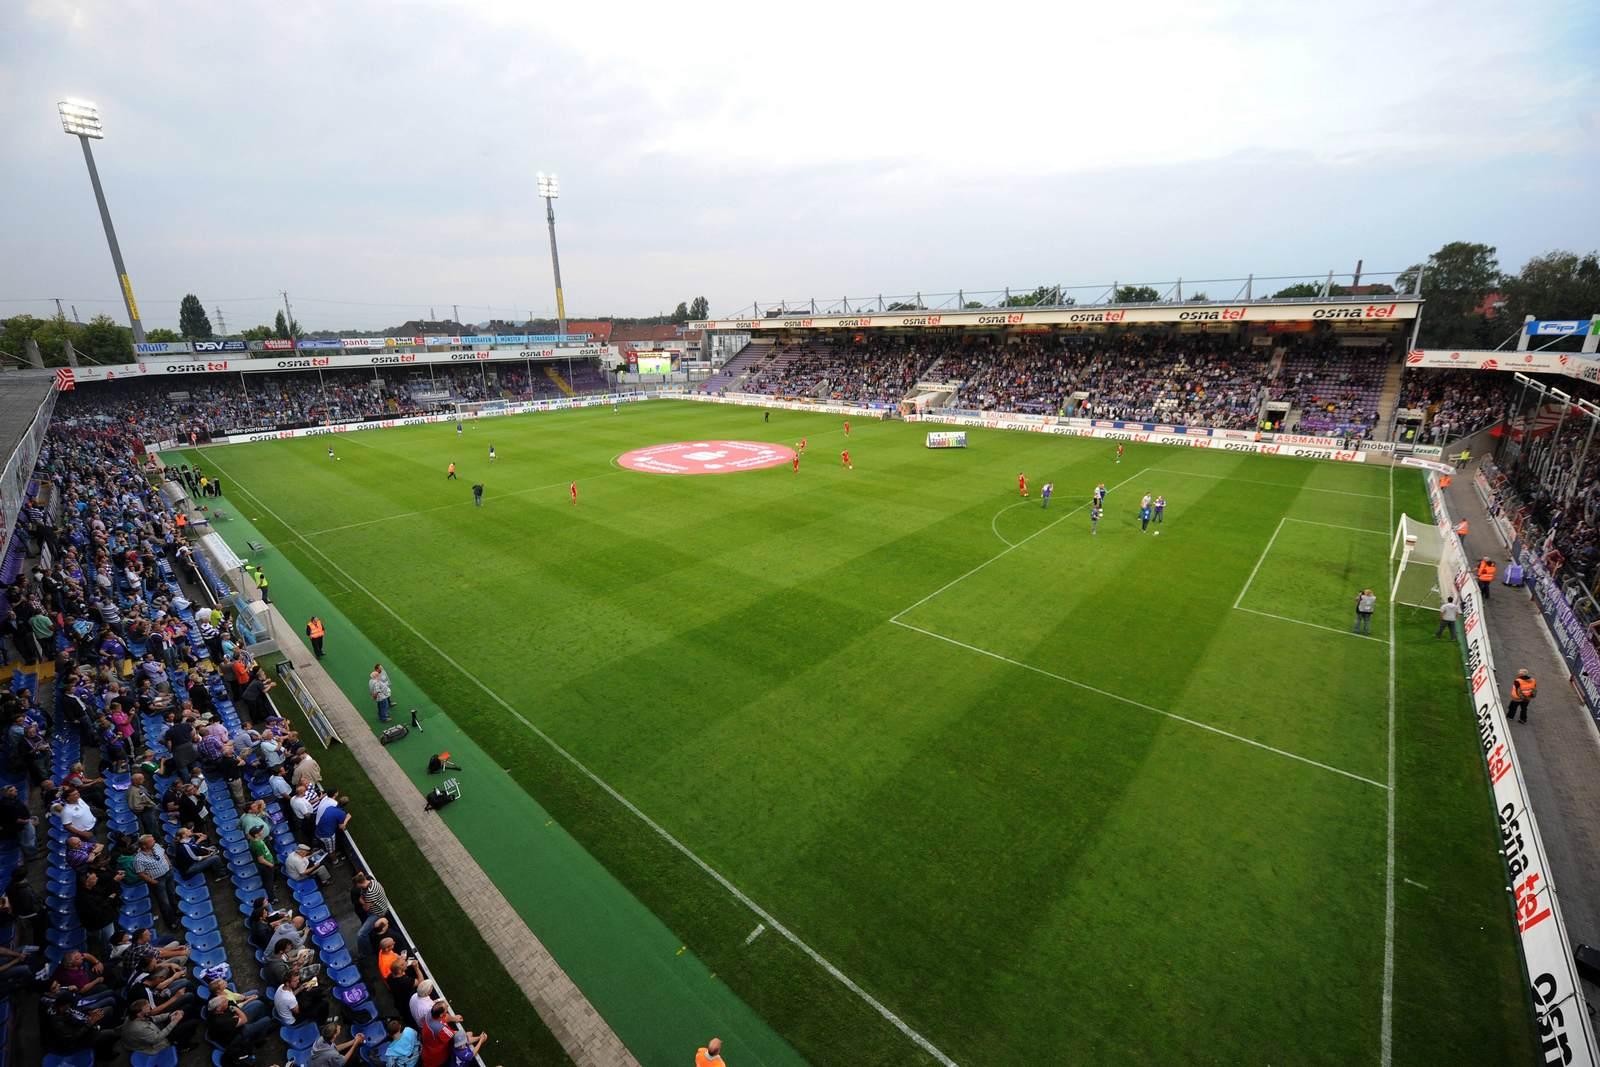 Stadion Bremer Brücke in Osnabrück aus der Vogelperspektive